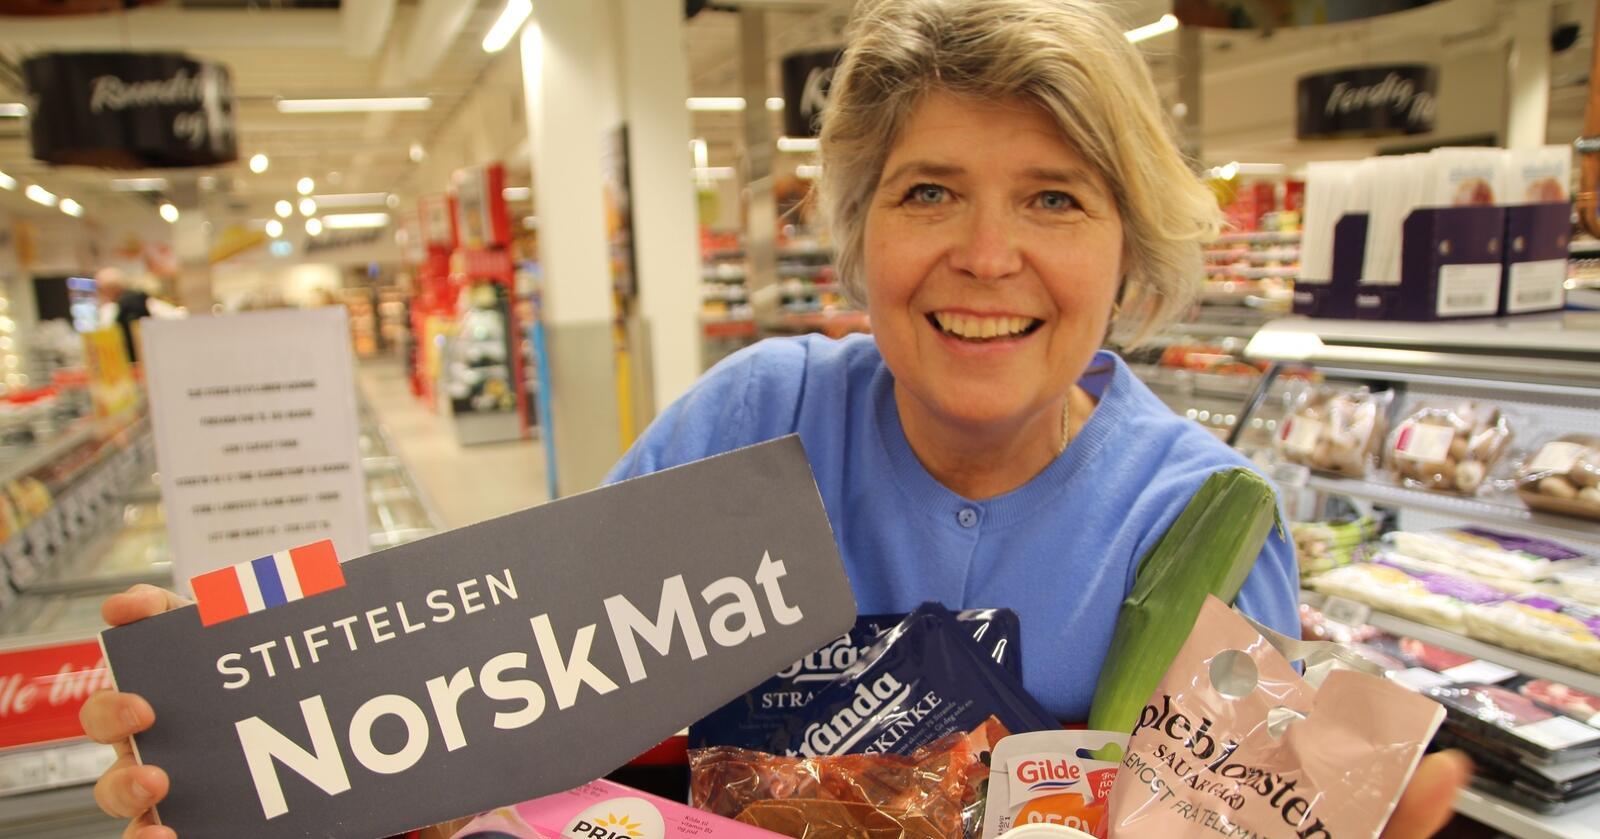 Administrerende direktør i Stiftelsen Norsk Mat, Nina Sundqvist, mener folk i sosiale medier skaper et inntrykk av flere feilmerkinger enn det reelt sett er. Foto: Stiftelsen Norsk Mat